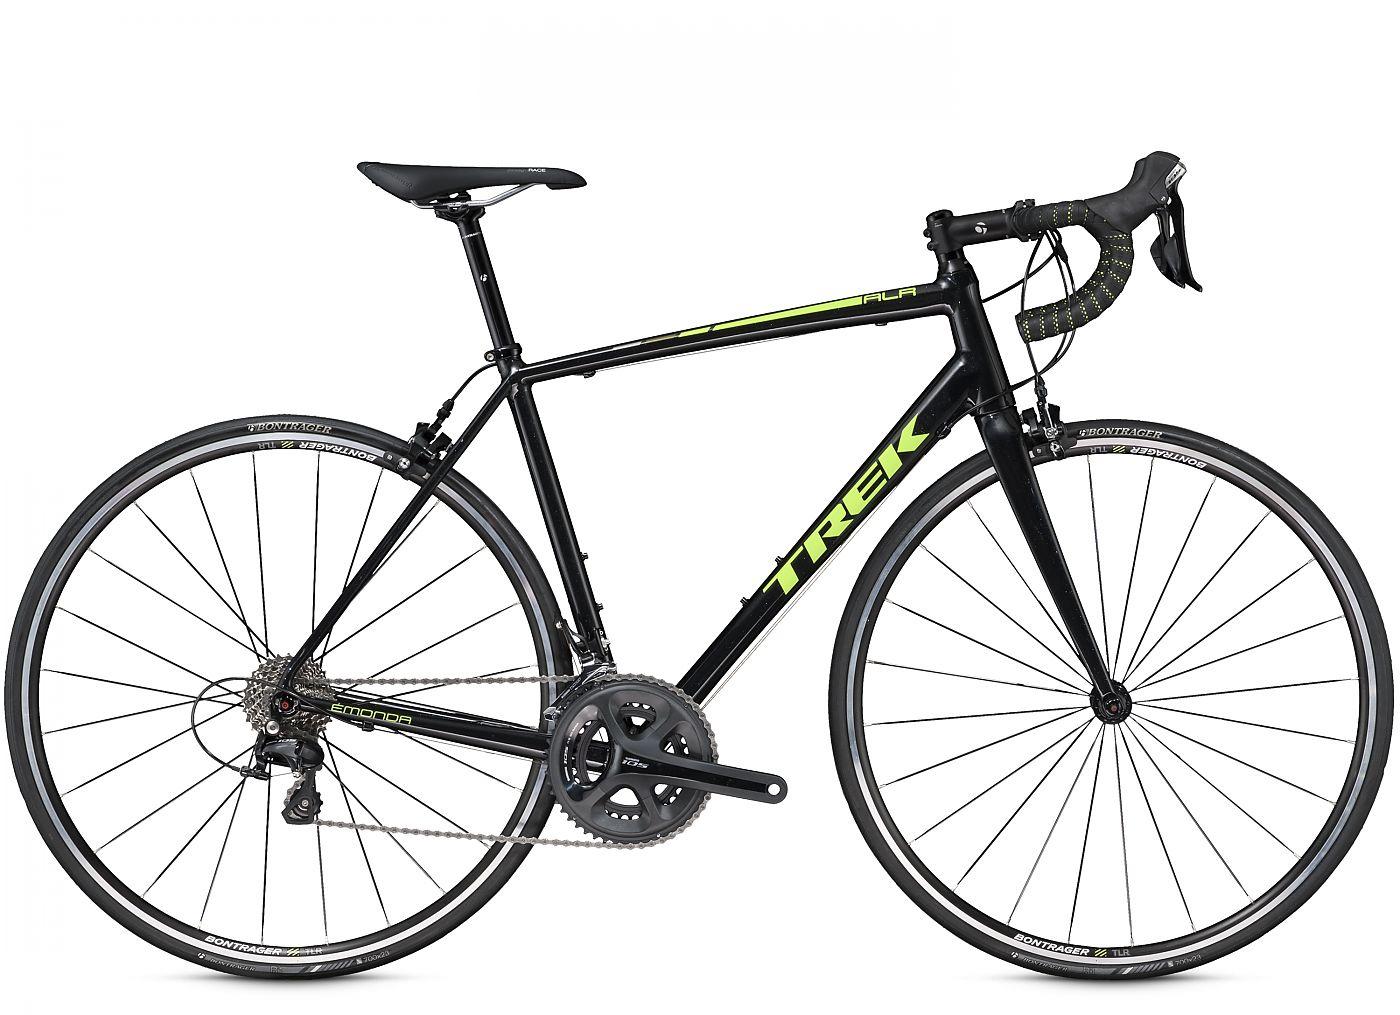 Trek adds aluminum-frame models to Émonda road bike line | Bicycle ...